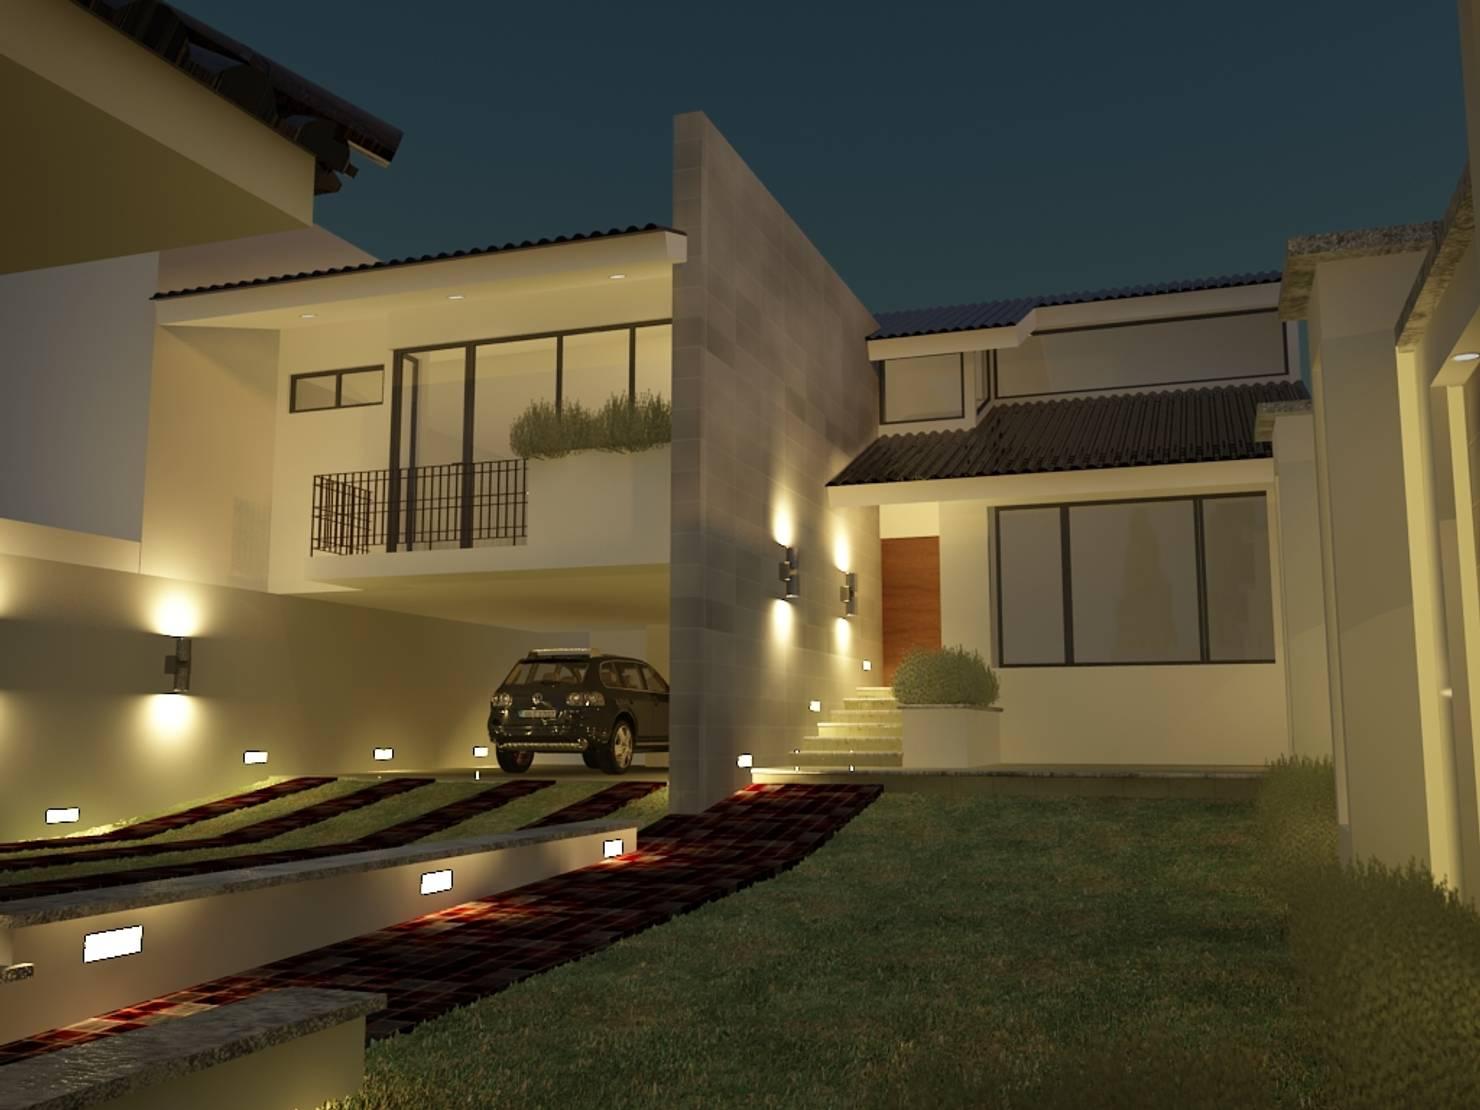 Cómo diseñar una casa: consejos e ideas